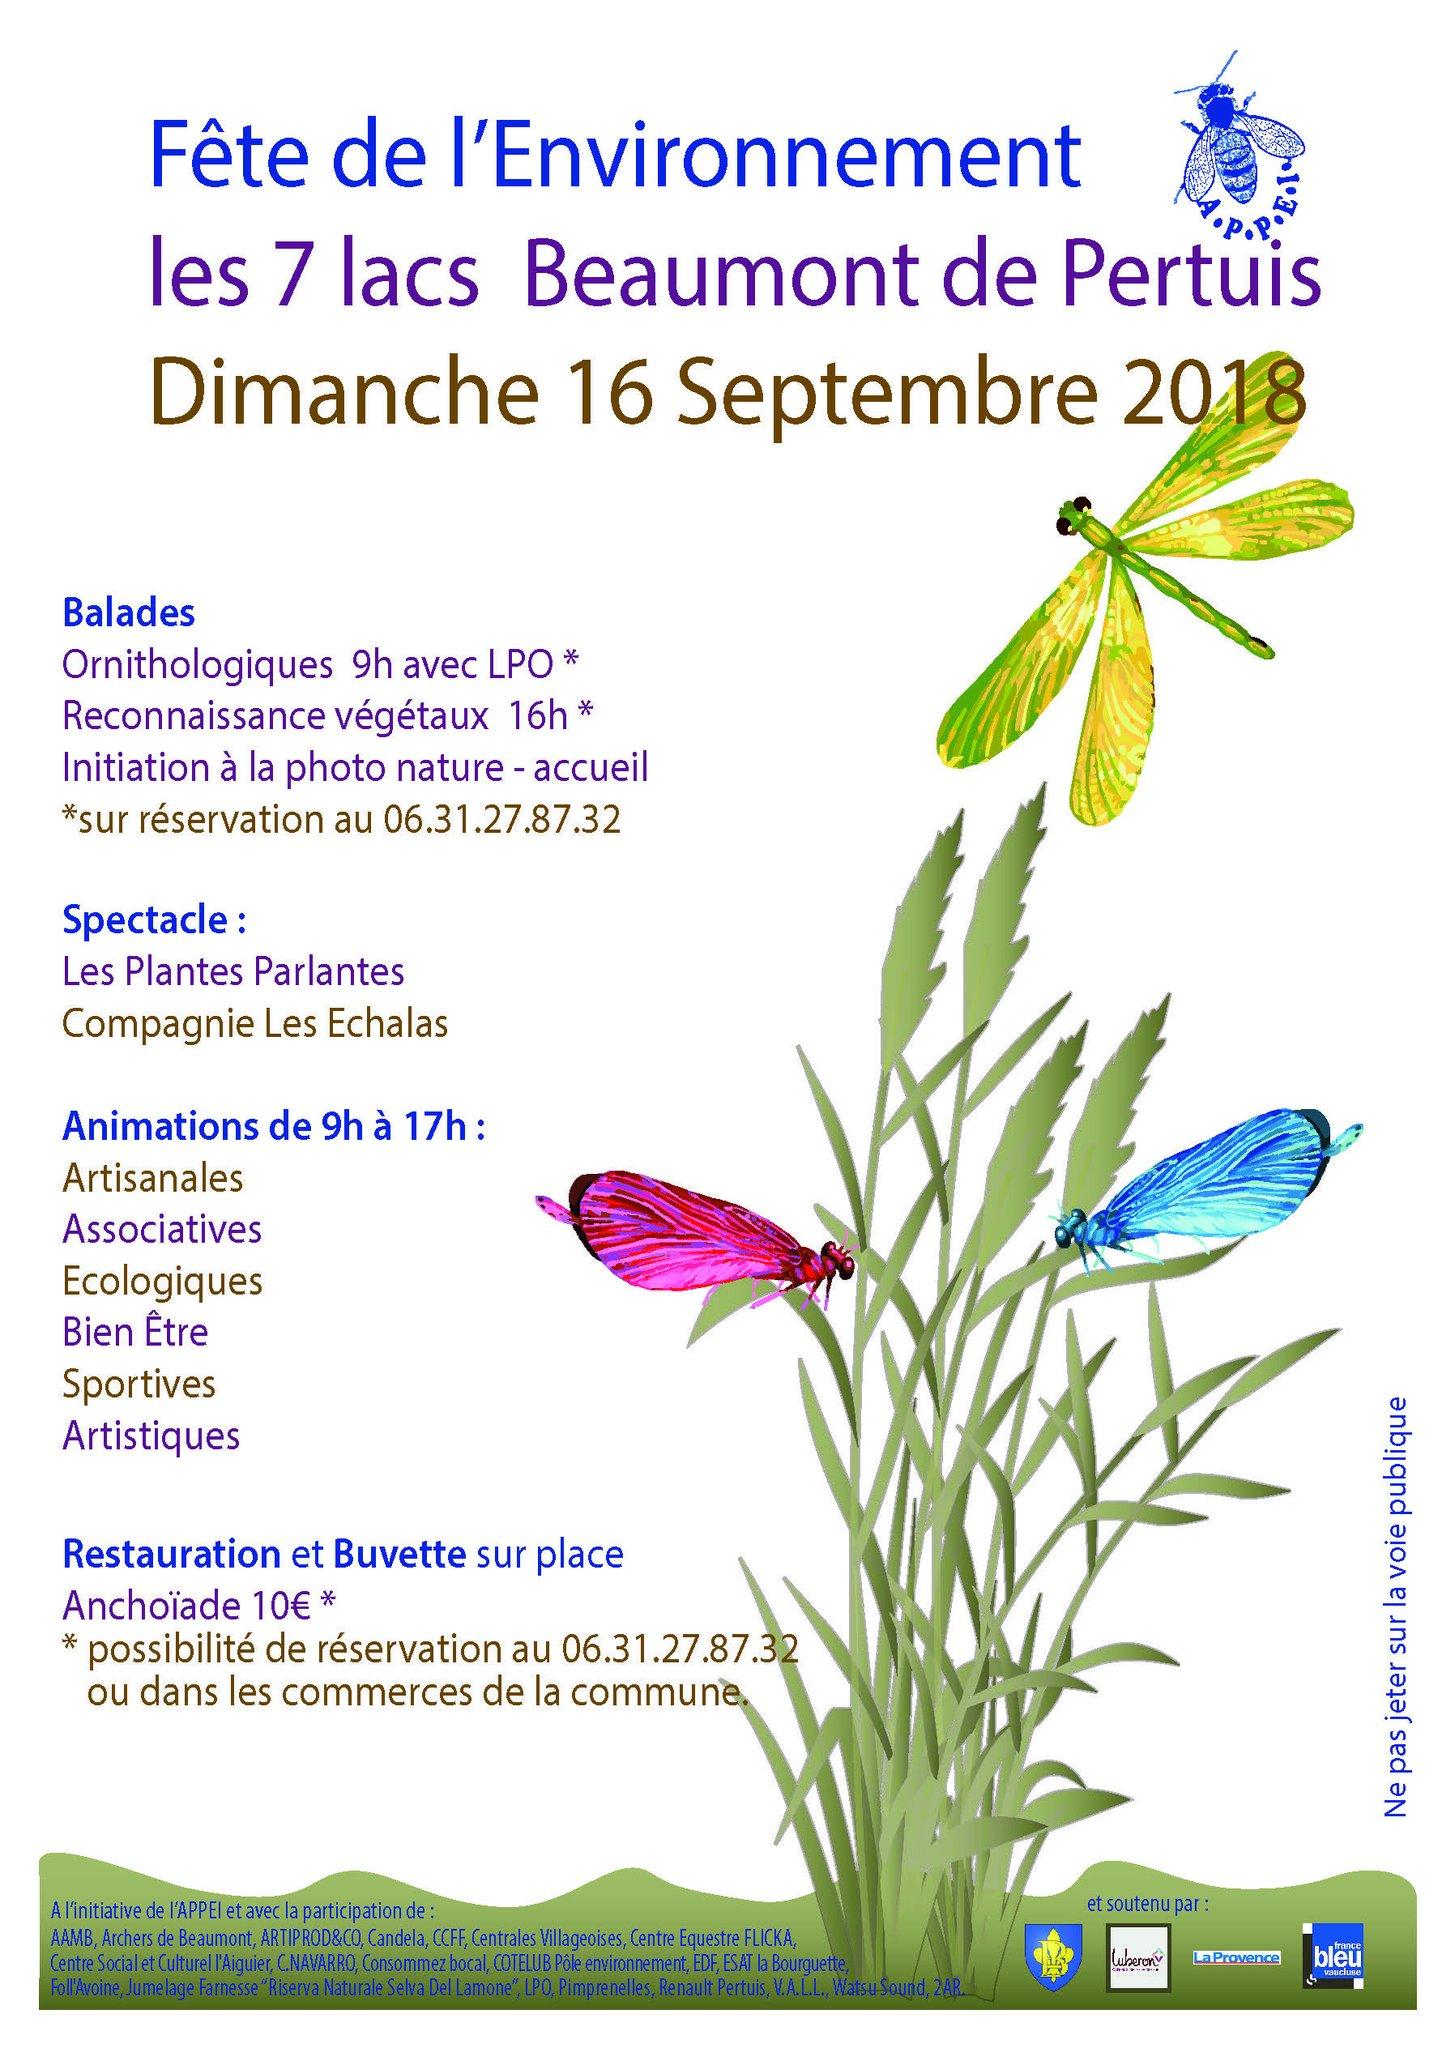 16 Septembre, Fête de l'environnement aux 7 lacs, à Beaumont de Pertuis Affiche_large